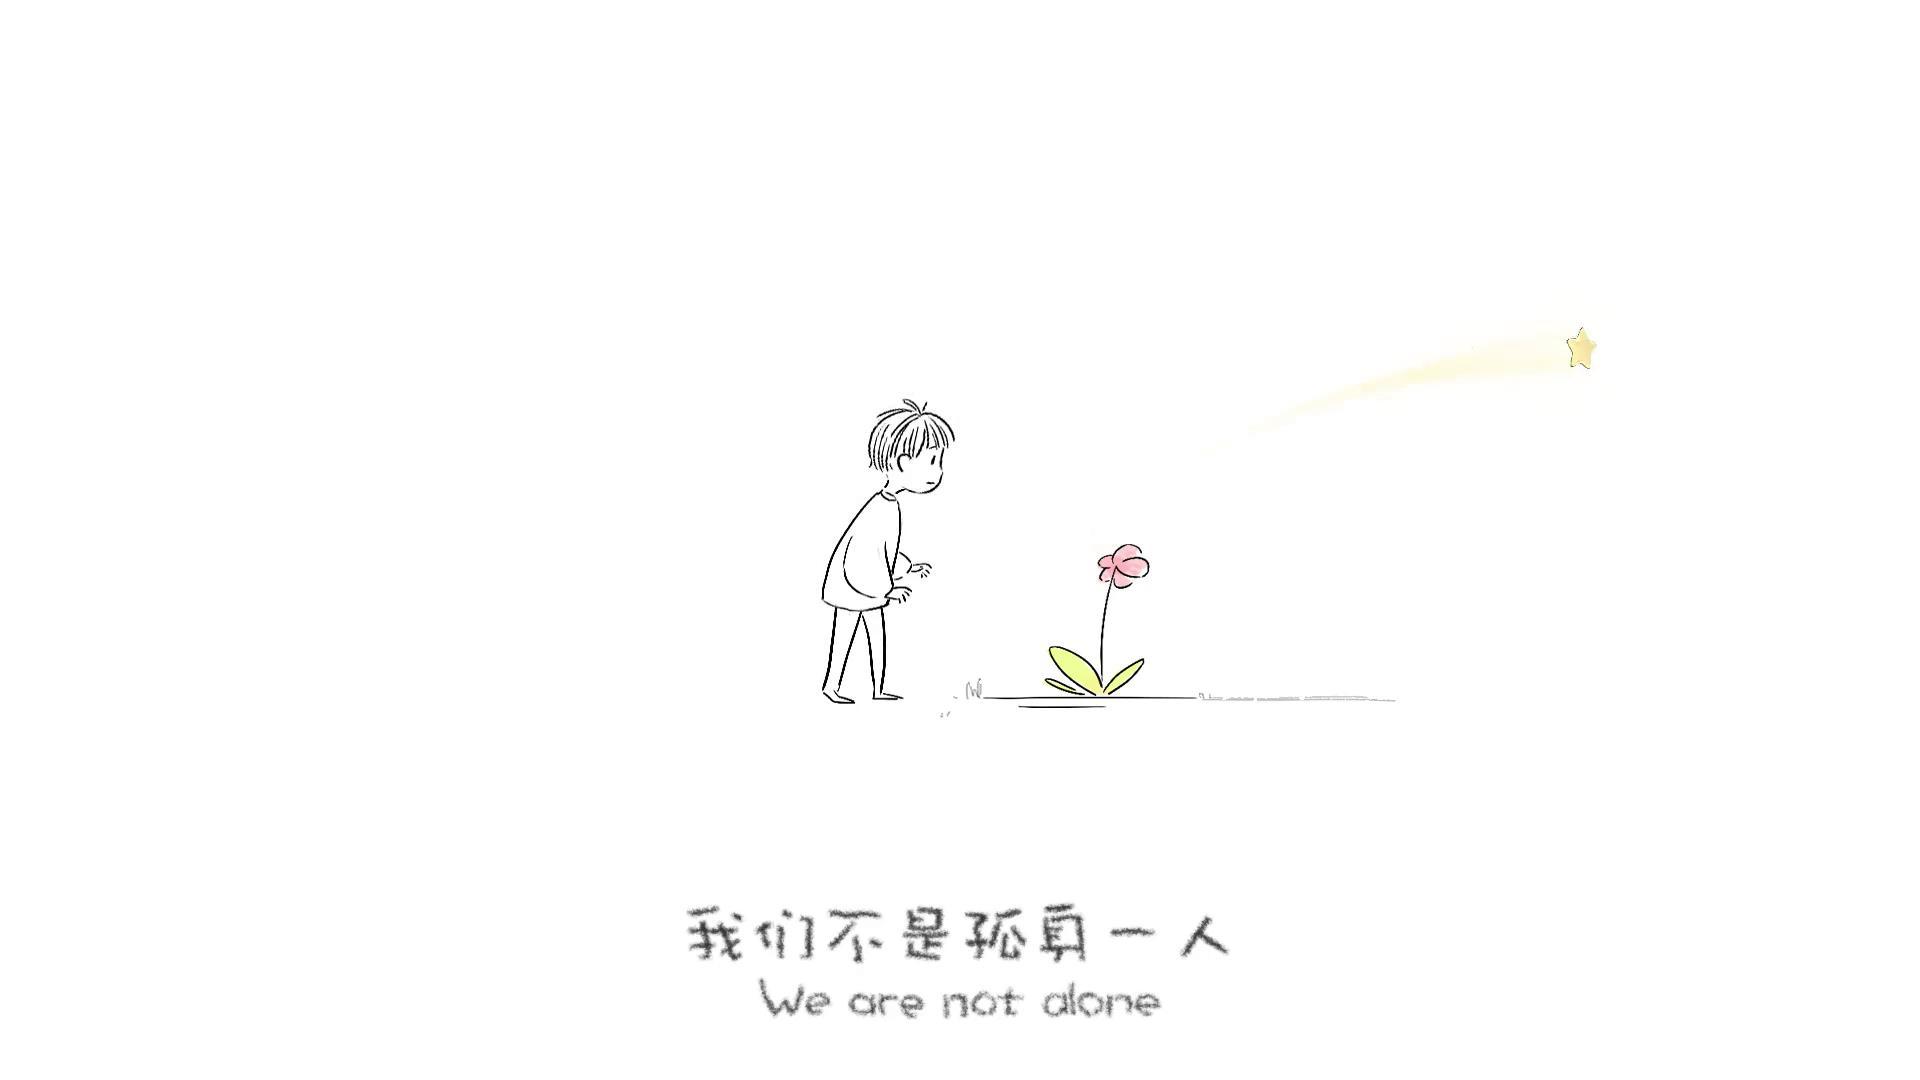 我们不是孤单一人[封面图].jpg